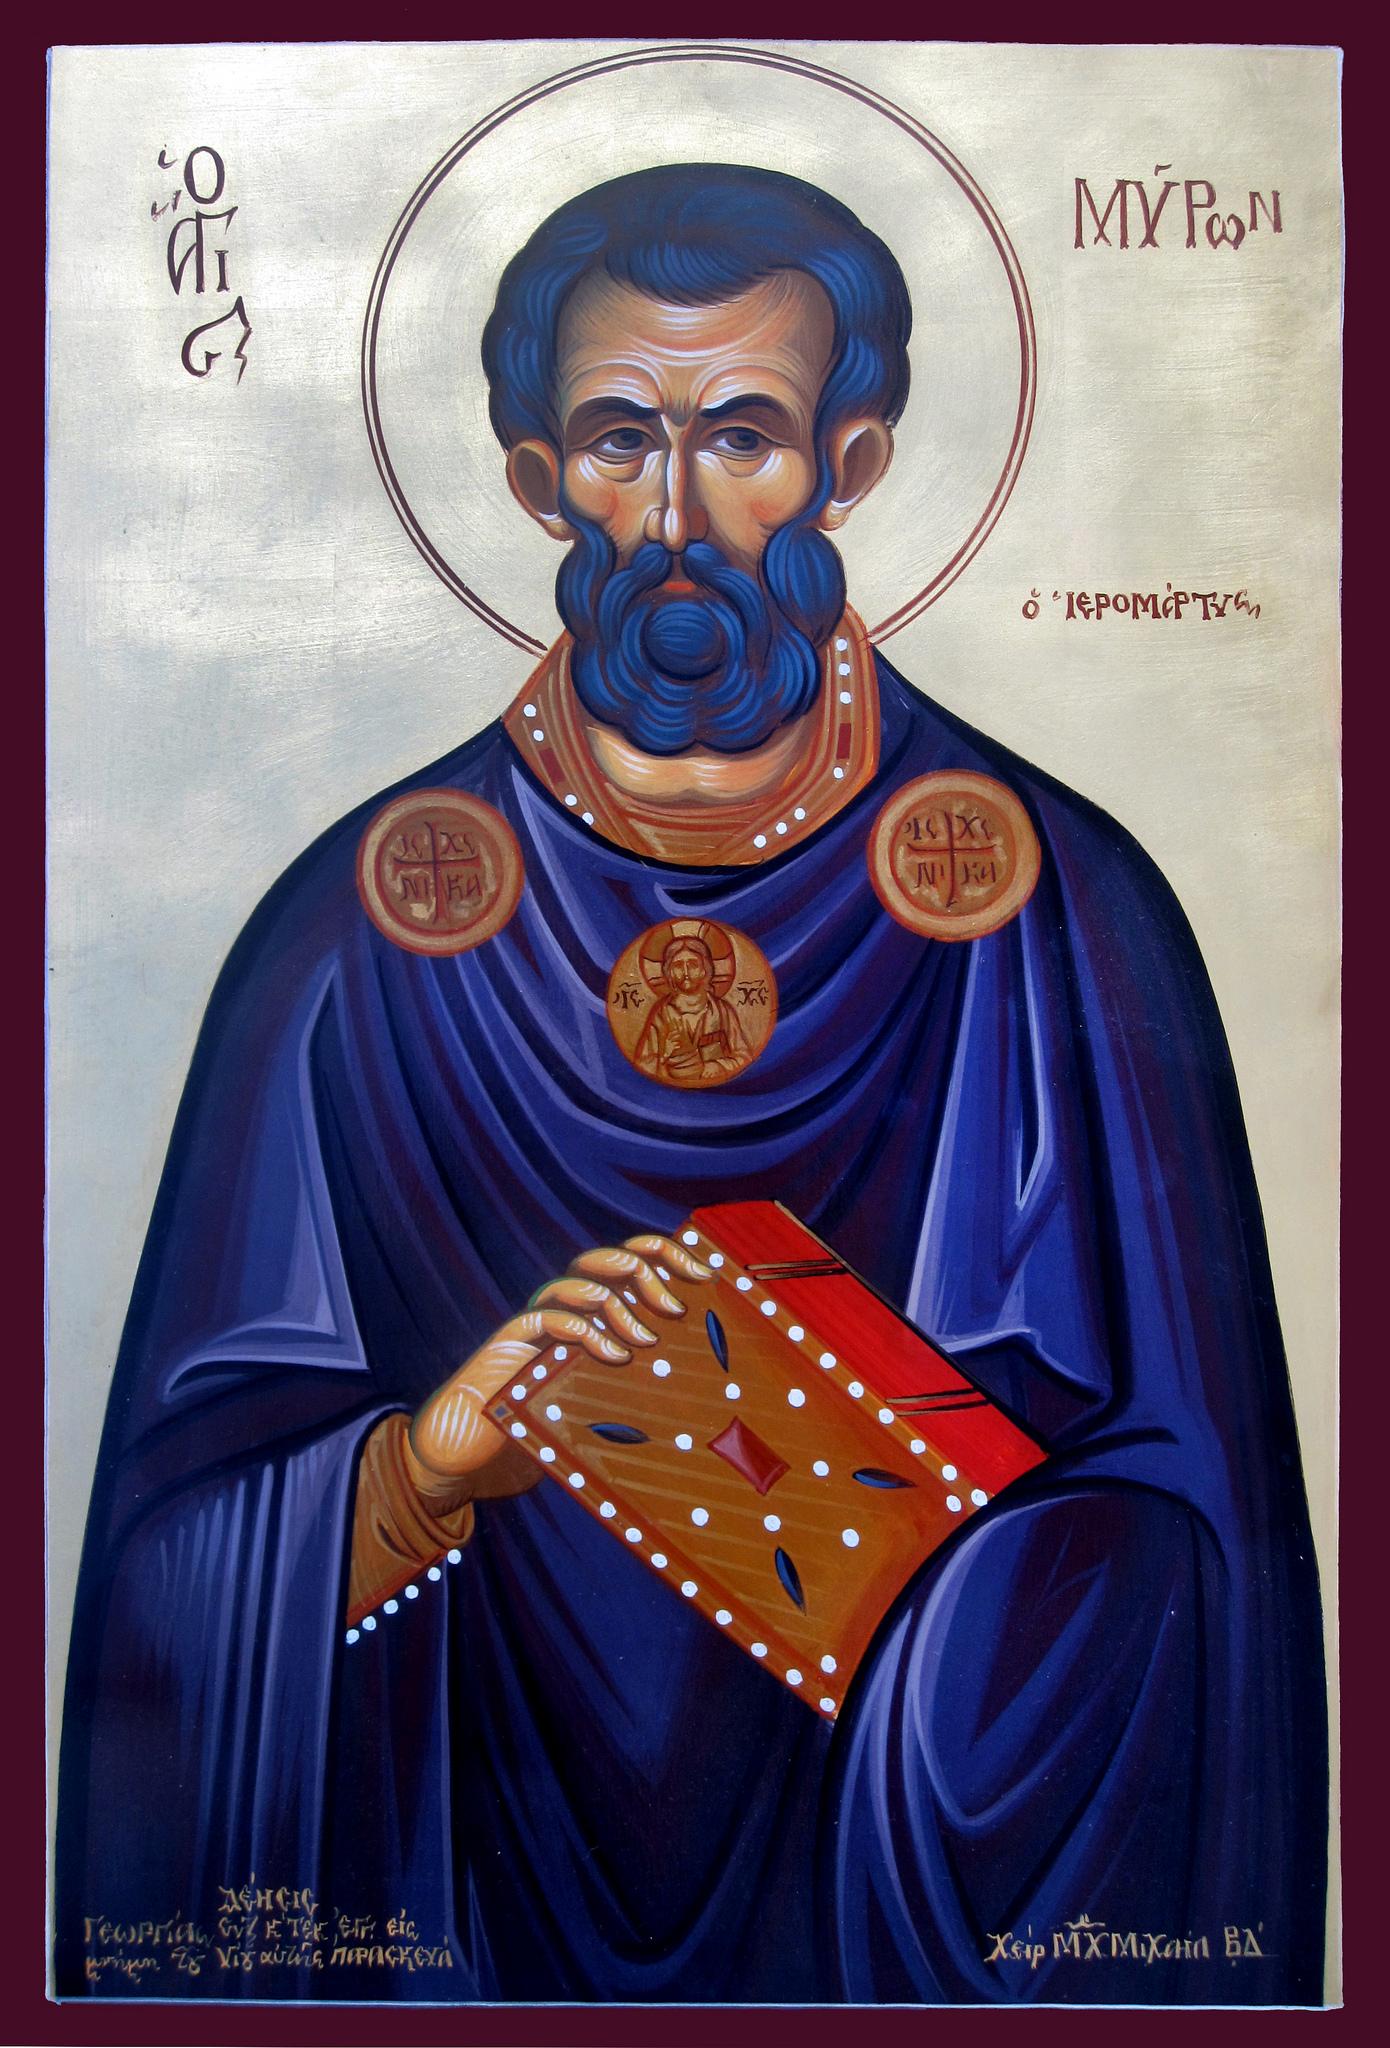 St. Myron the Hieromartyr